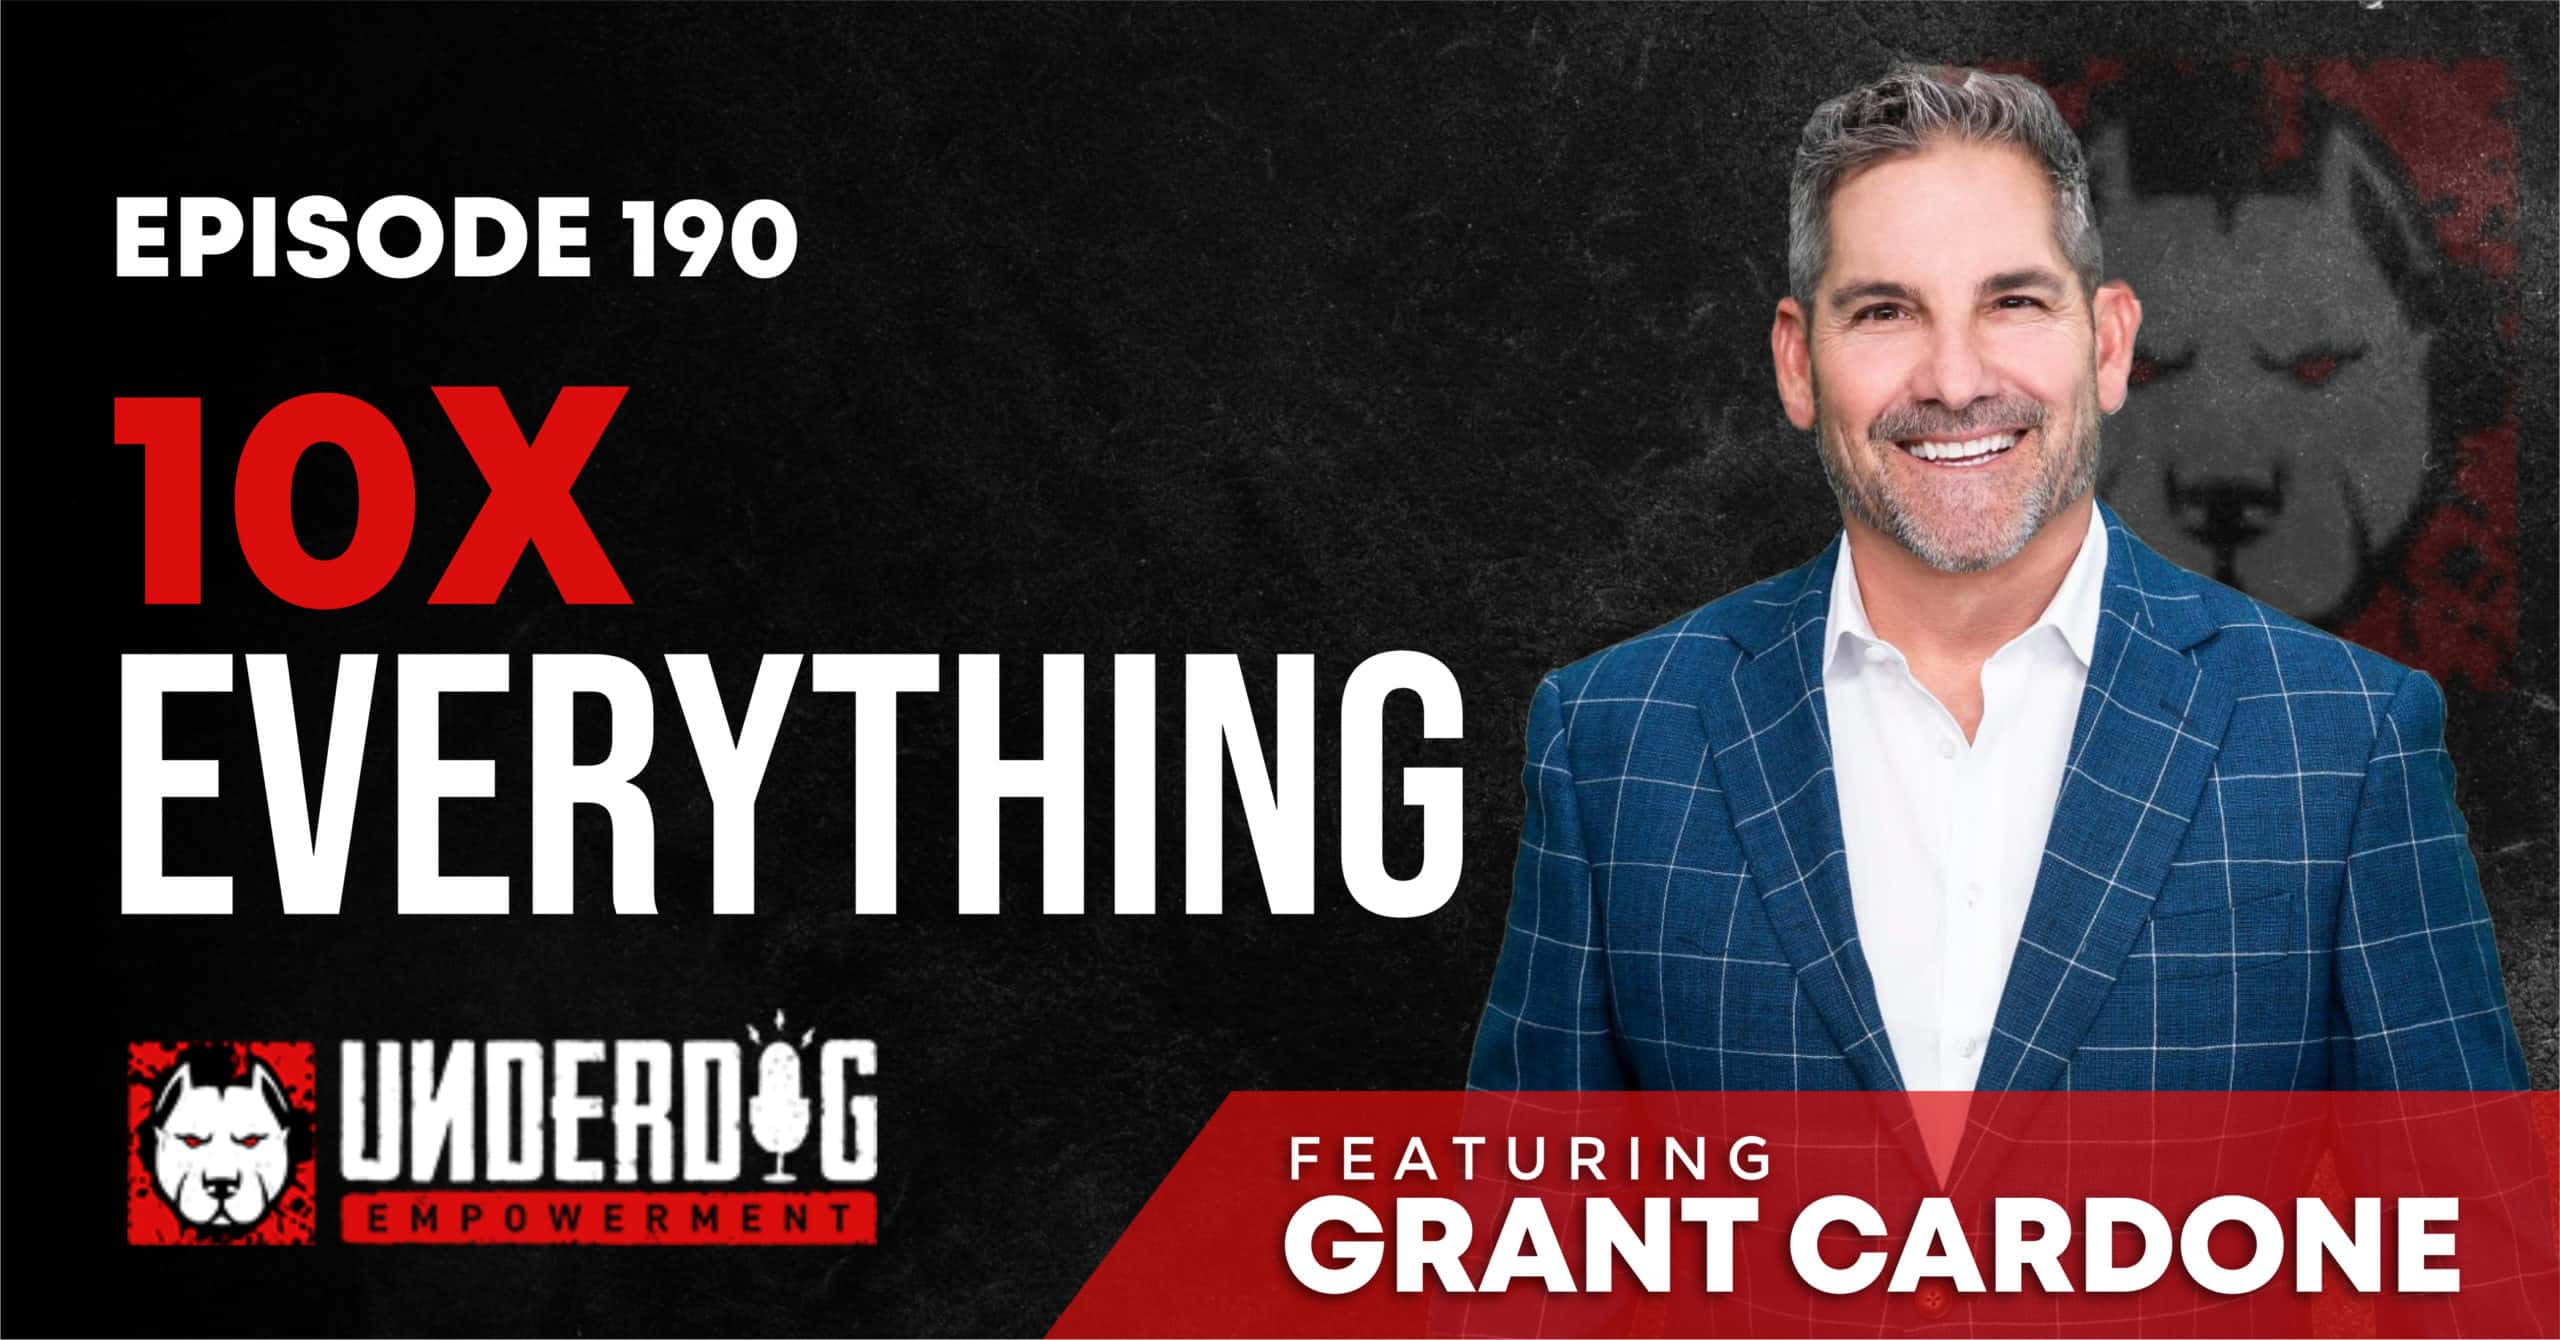 Grant Cardone Podblade